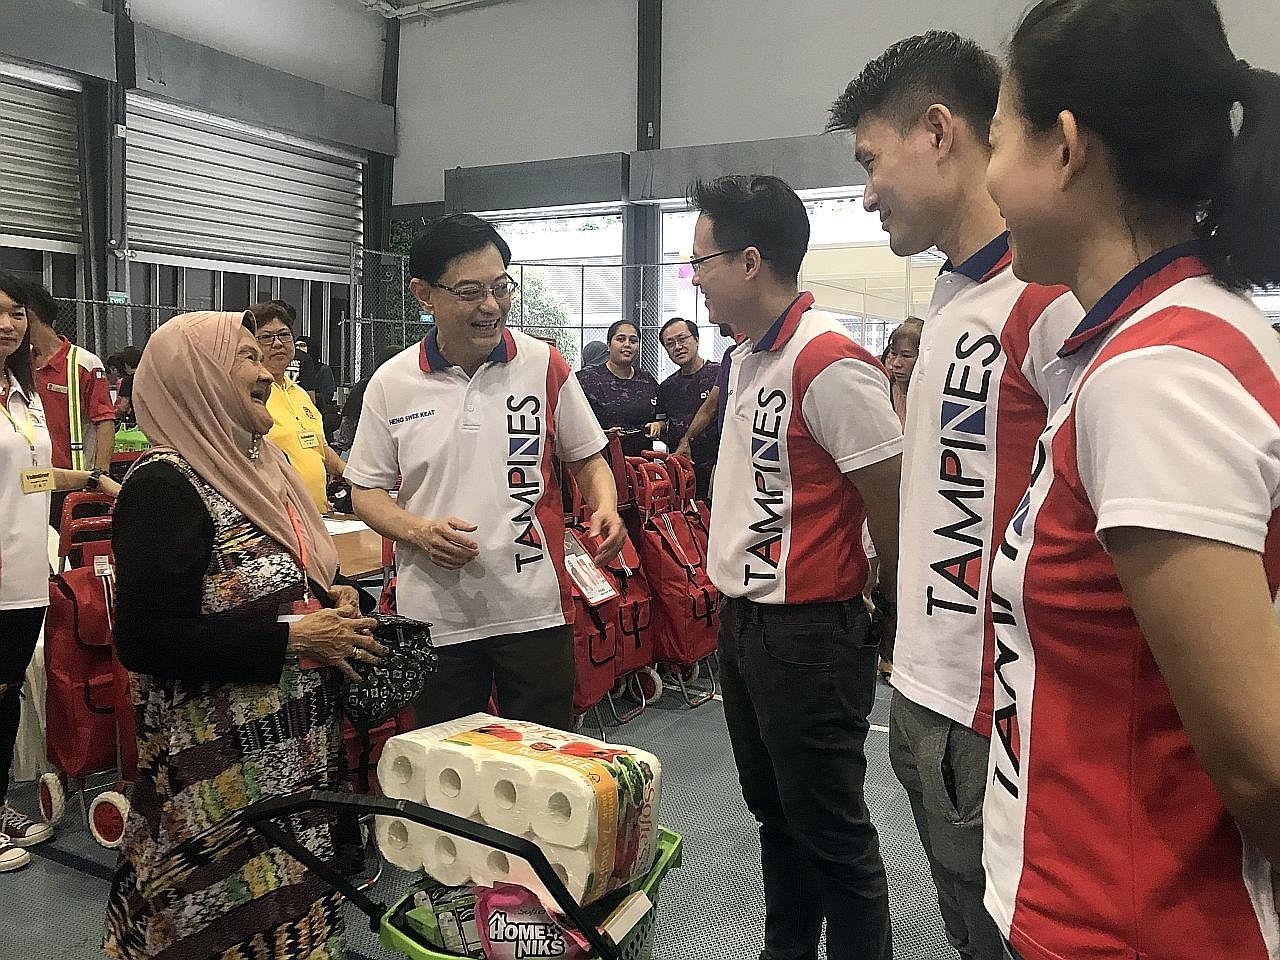 Bantuan bagi keluarga pendapatan rendah, pertengahan Tampines